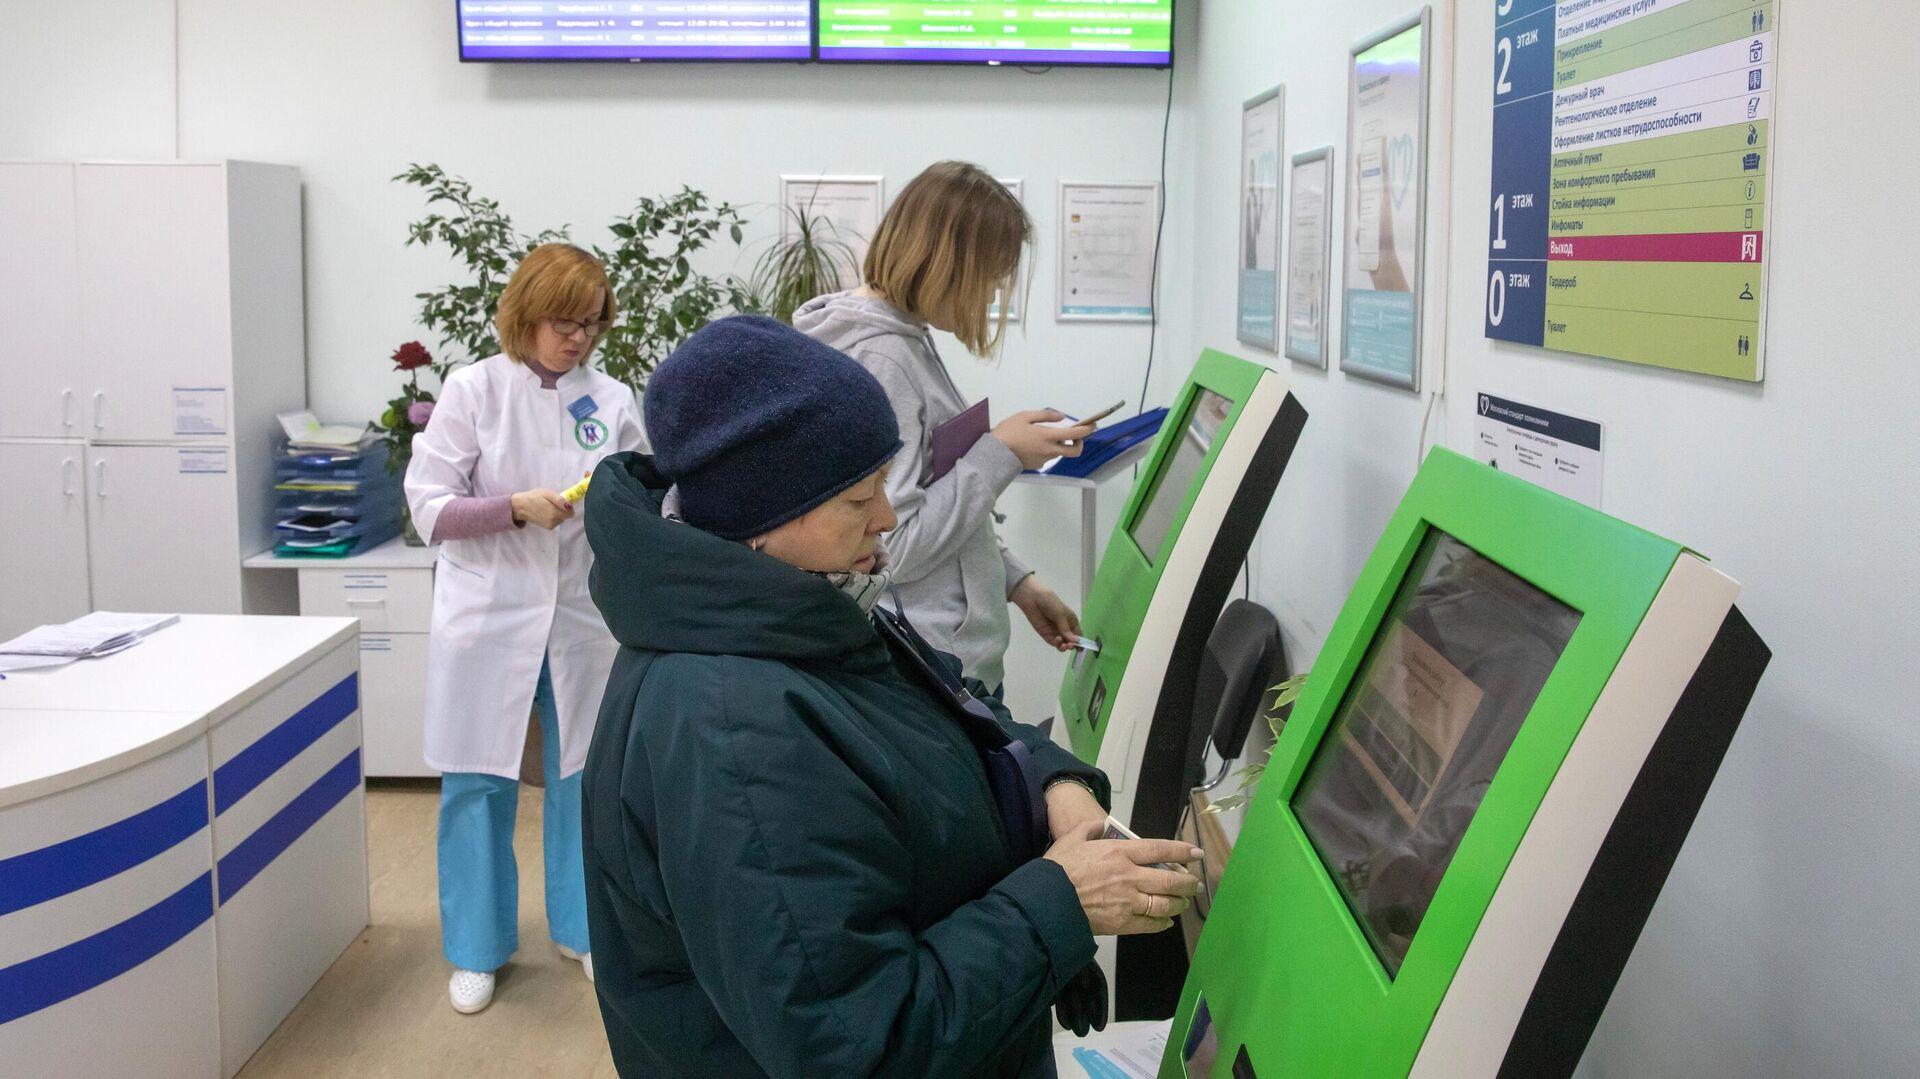 Пациенты записываются на прием к врачу через электронные терминалы в Москве   - РИА Новости, 1920, 01.02.2021